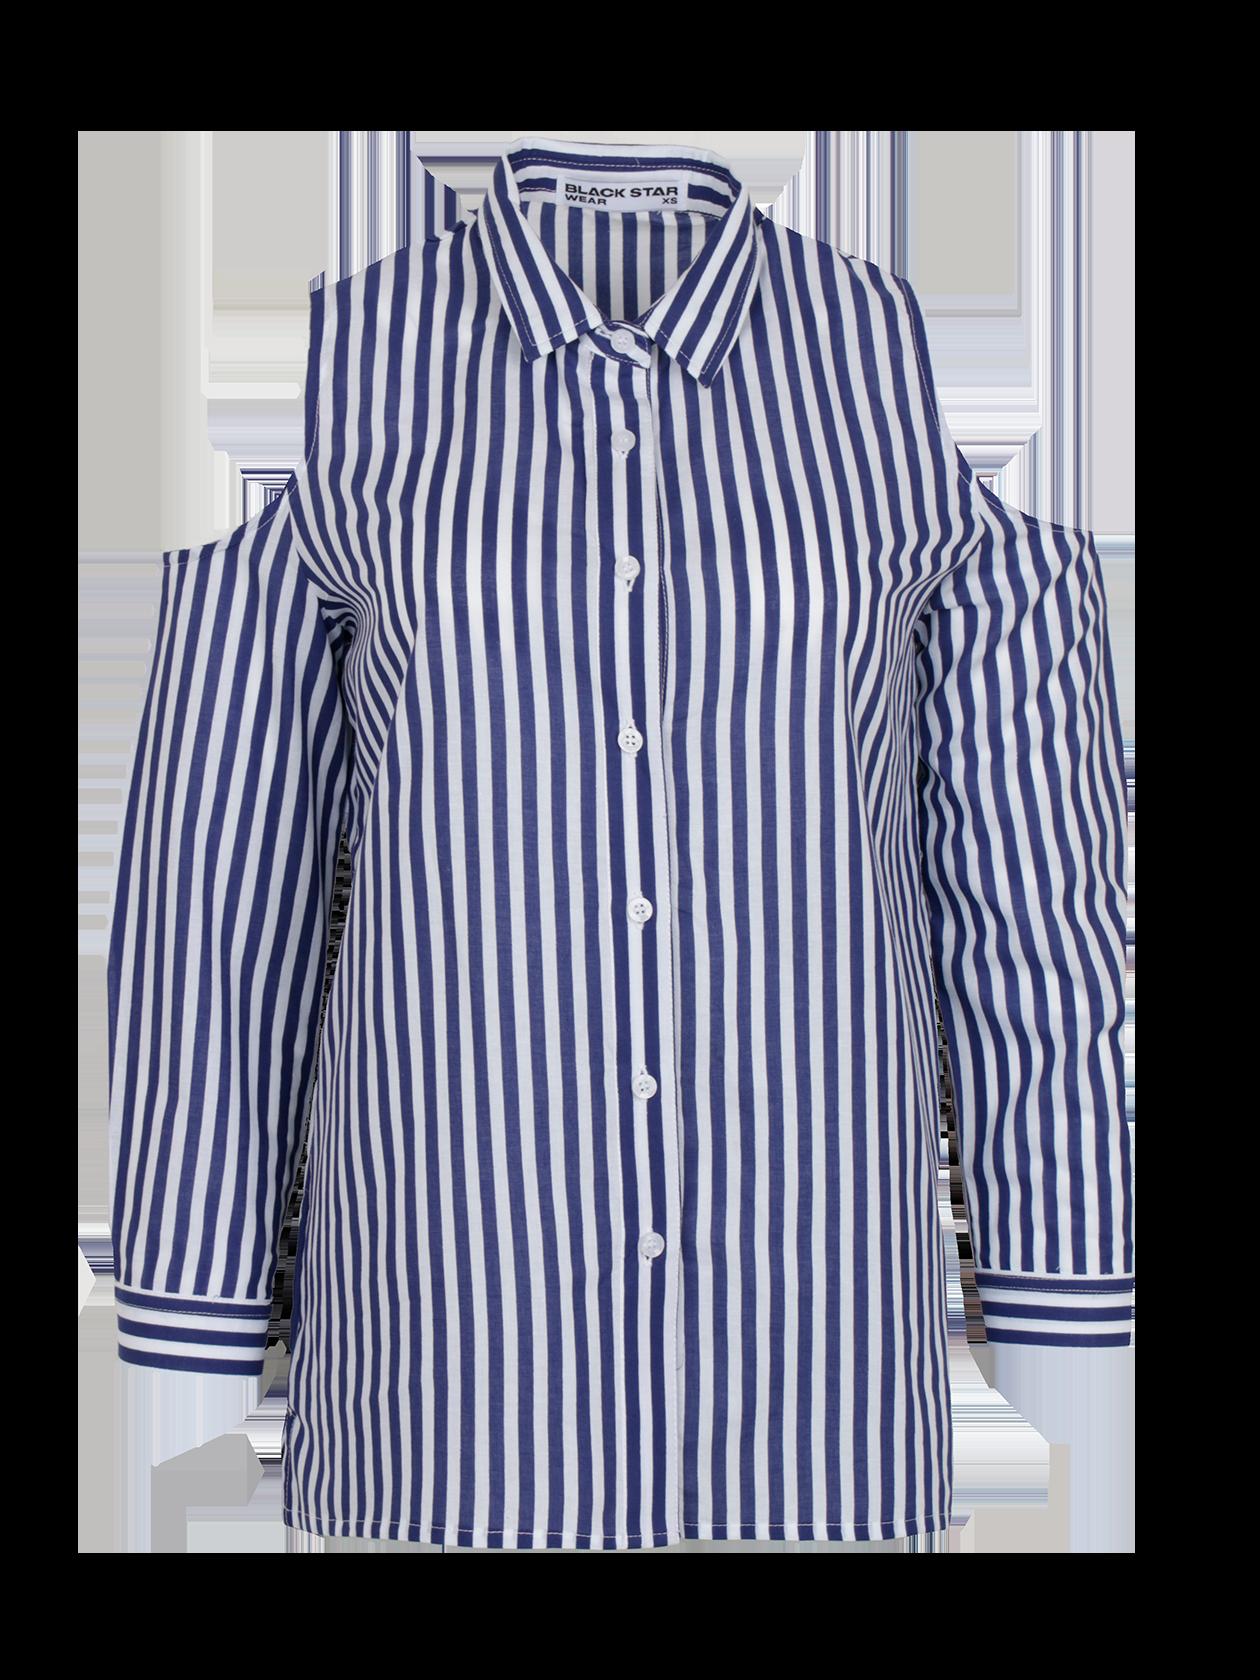 Рубашка женская ROYALTY 13Модная рубашка женская Royalty 13 для создания стильного образа на каждый день. Модель классического дизайна с прямым кроем, рубашечным воротником и планкой с пуговицами. Эффектная фишка изделия – глубокий вырез в верхней части рукавов. Для пошива вещи использовано особое хлопковое полотно, отличающееся практичностью и долговечностью. Рубашка представлена в белой, ментоловой и синий/белой расцветке. Подберите к ней леггинсы, брюки или юбку из коллекции Black Star Wear и станьте настоящей иконой стиля.<br><br>Размер: S<br>Цвет: Черный/Белый<br>Пол: Женский